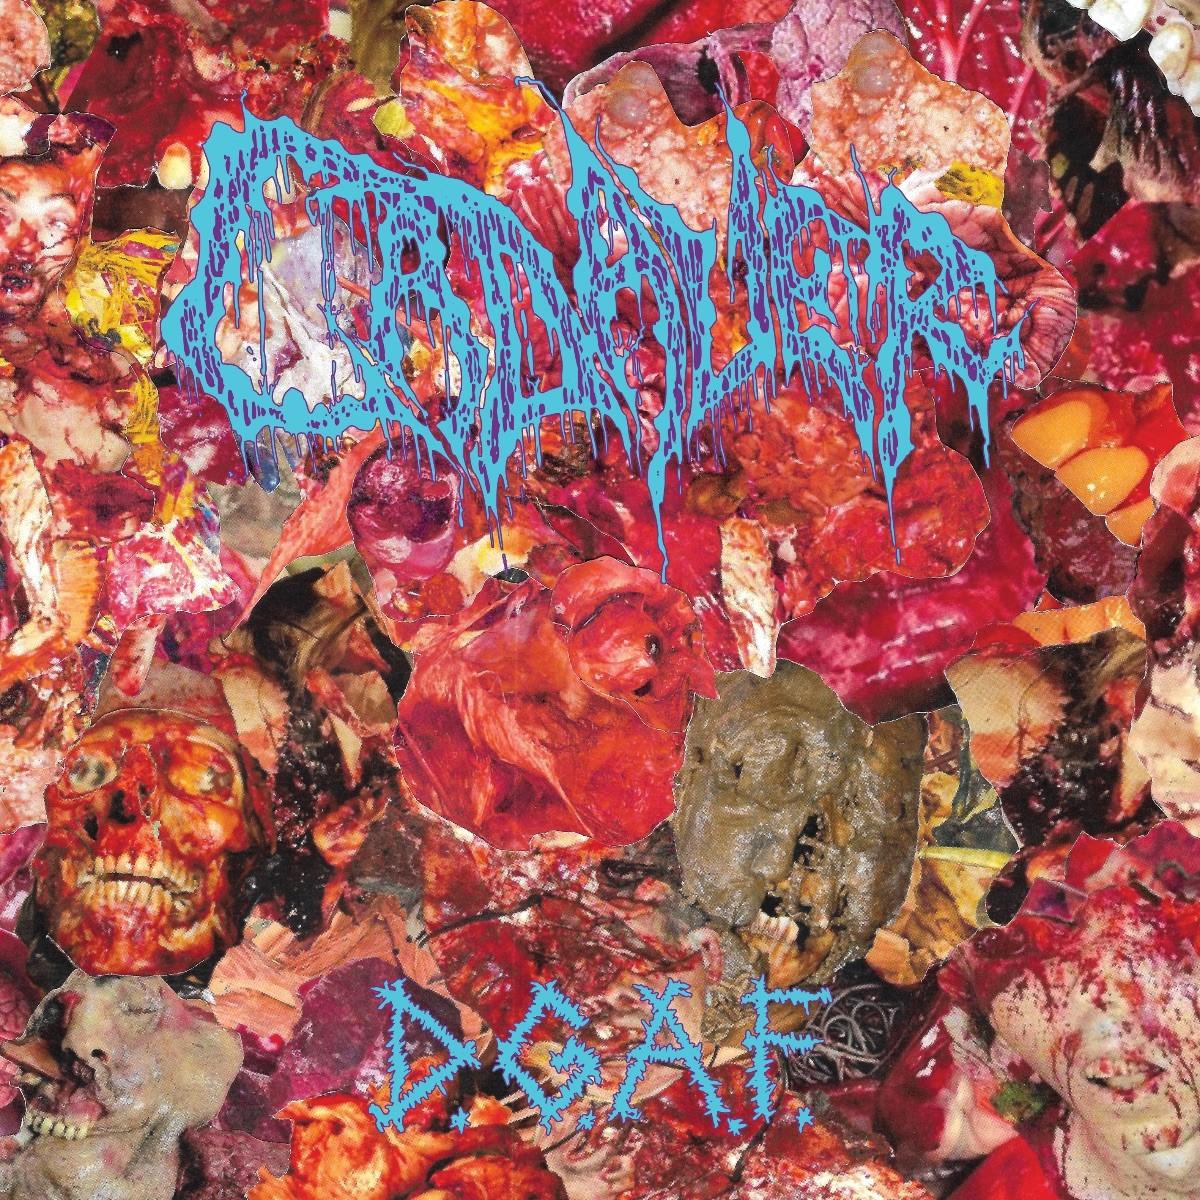 cadaver d.g.a.f. album coverart